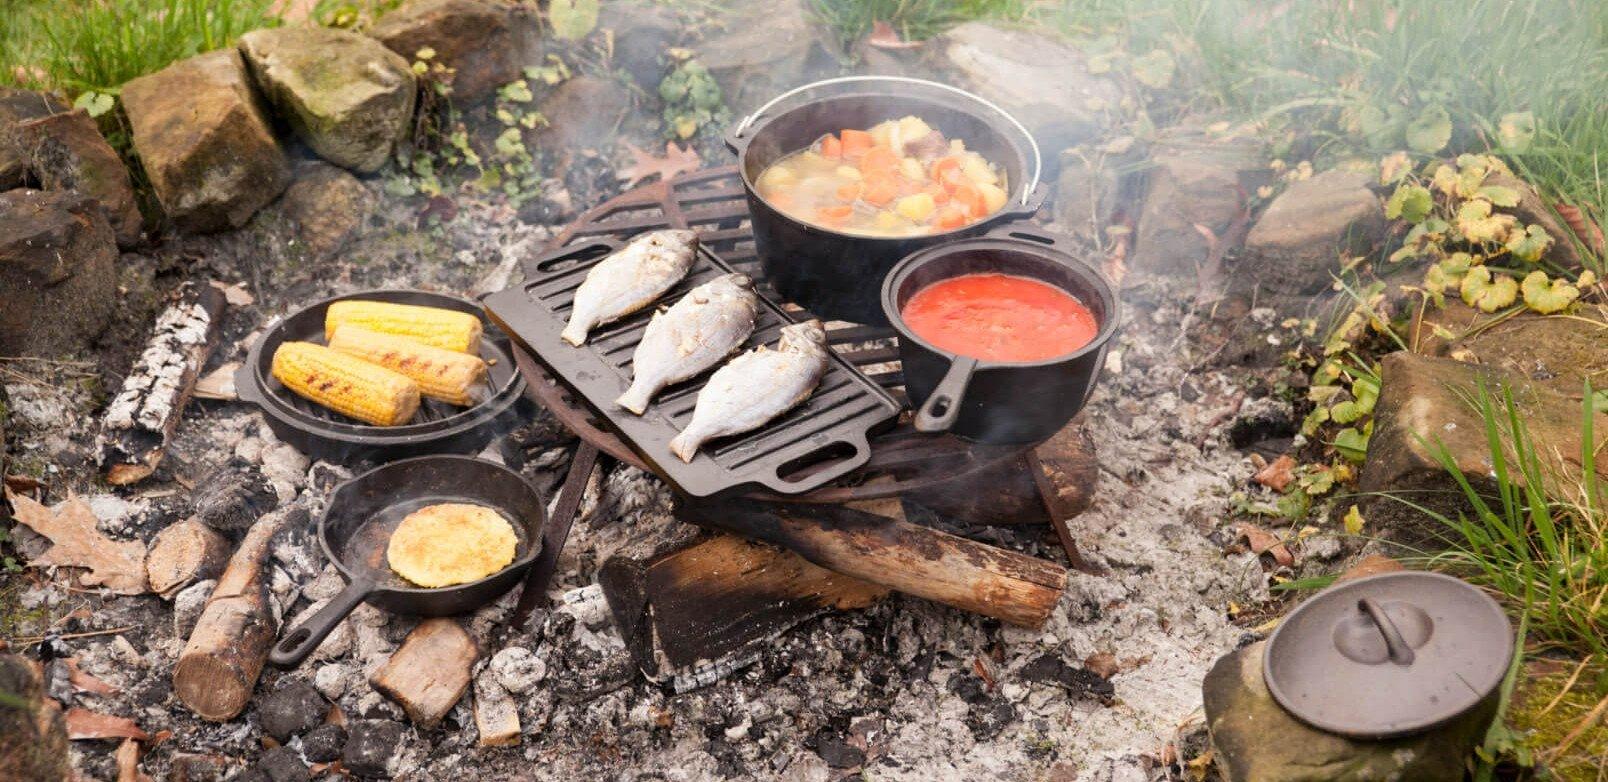 Buitenkoken met de Esschert kampvuur kookset